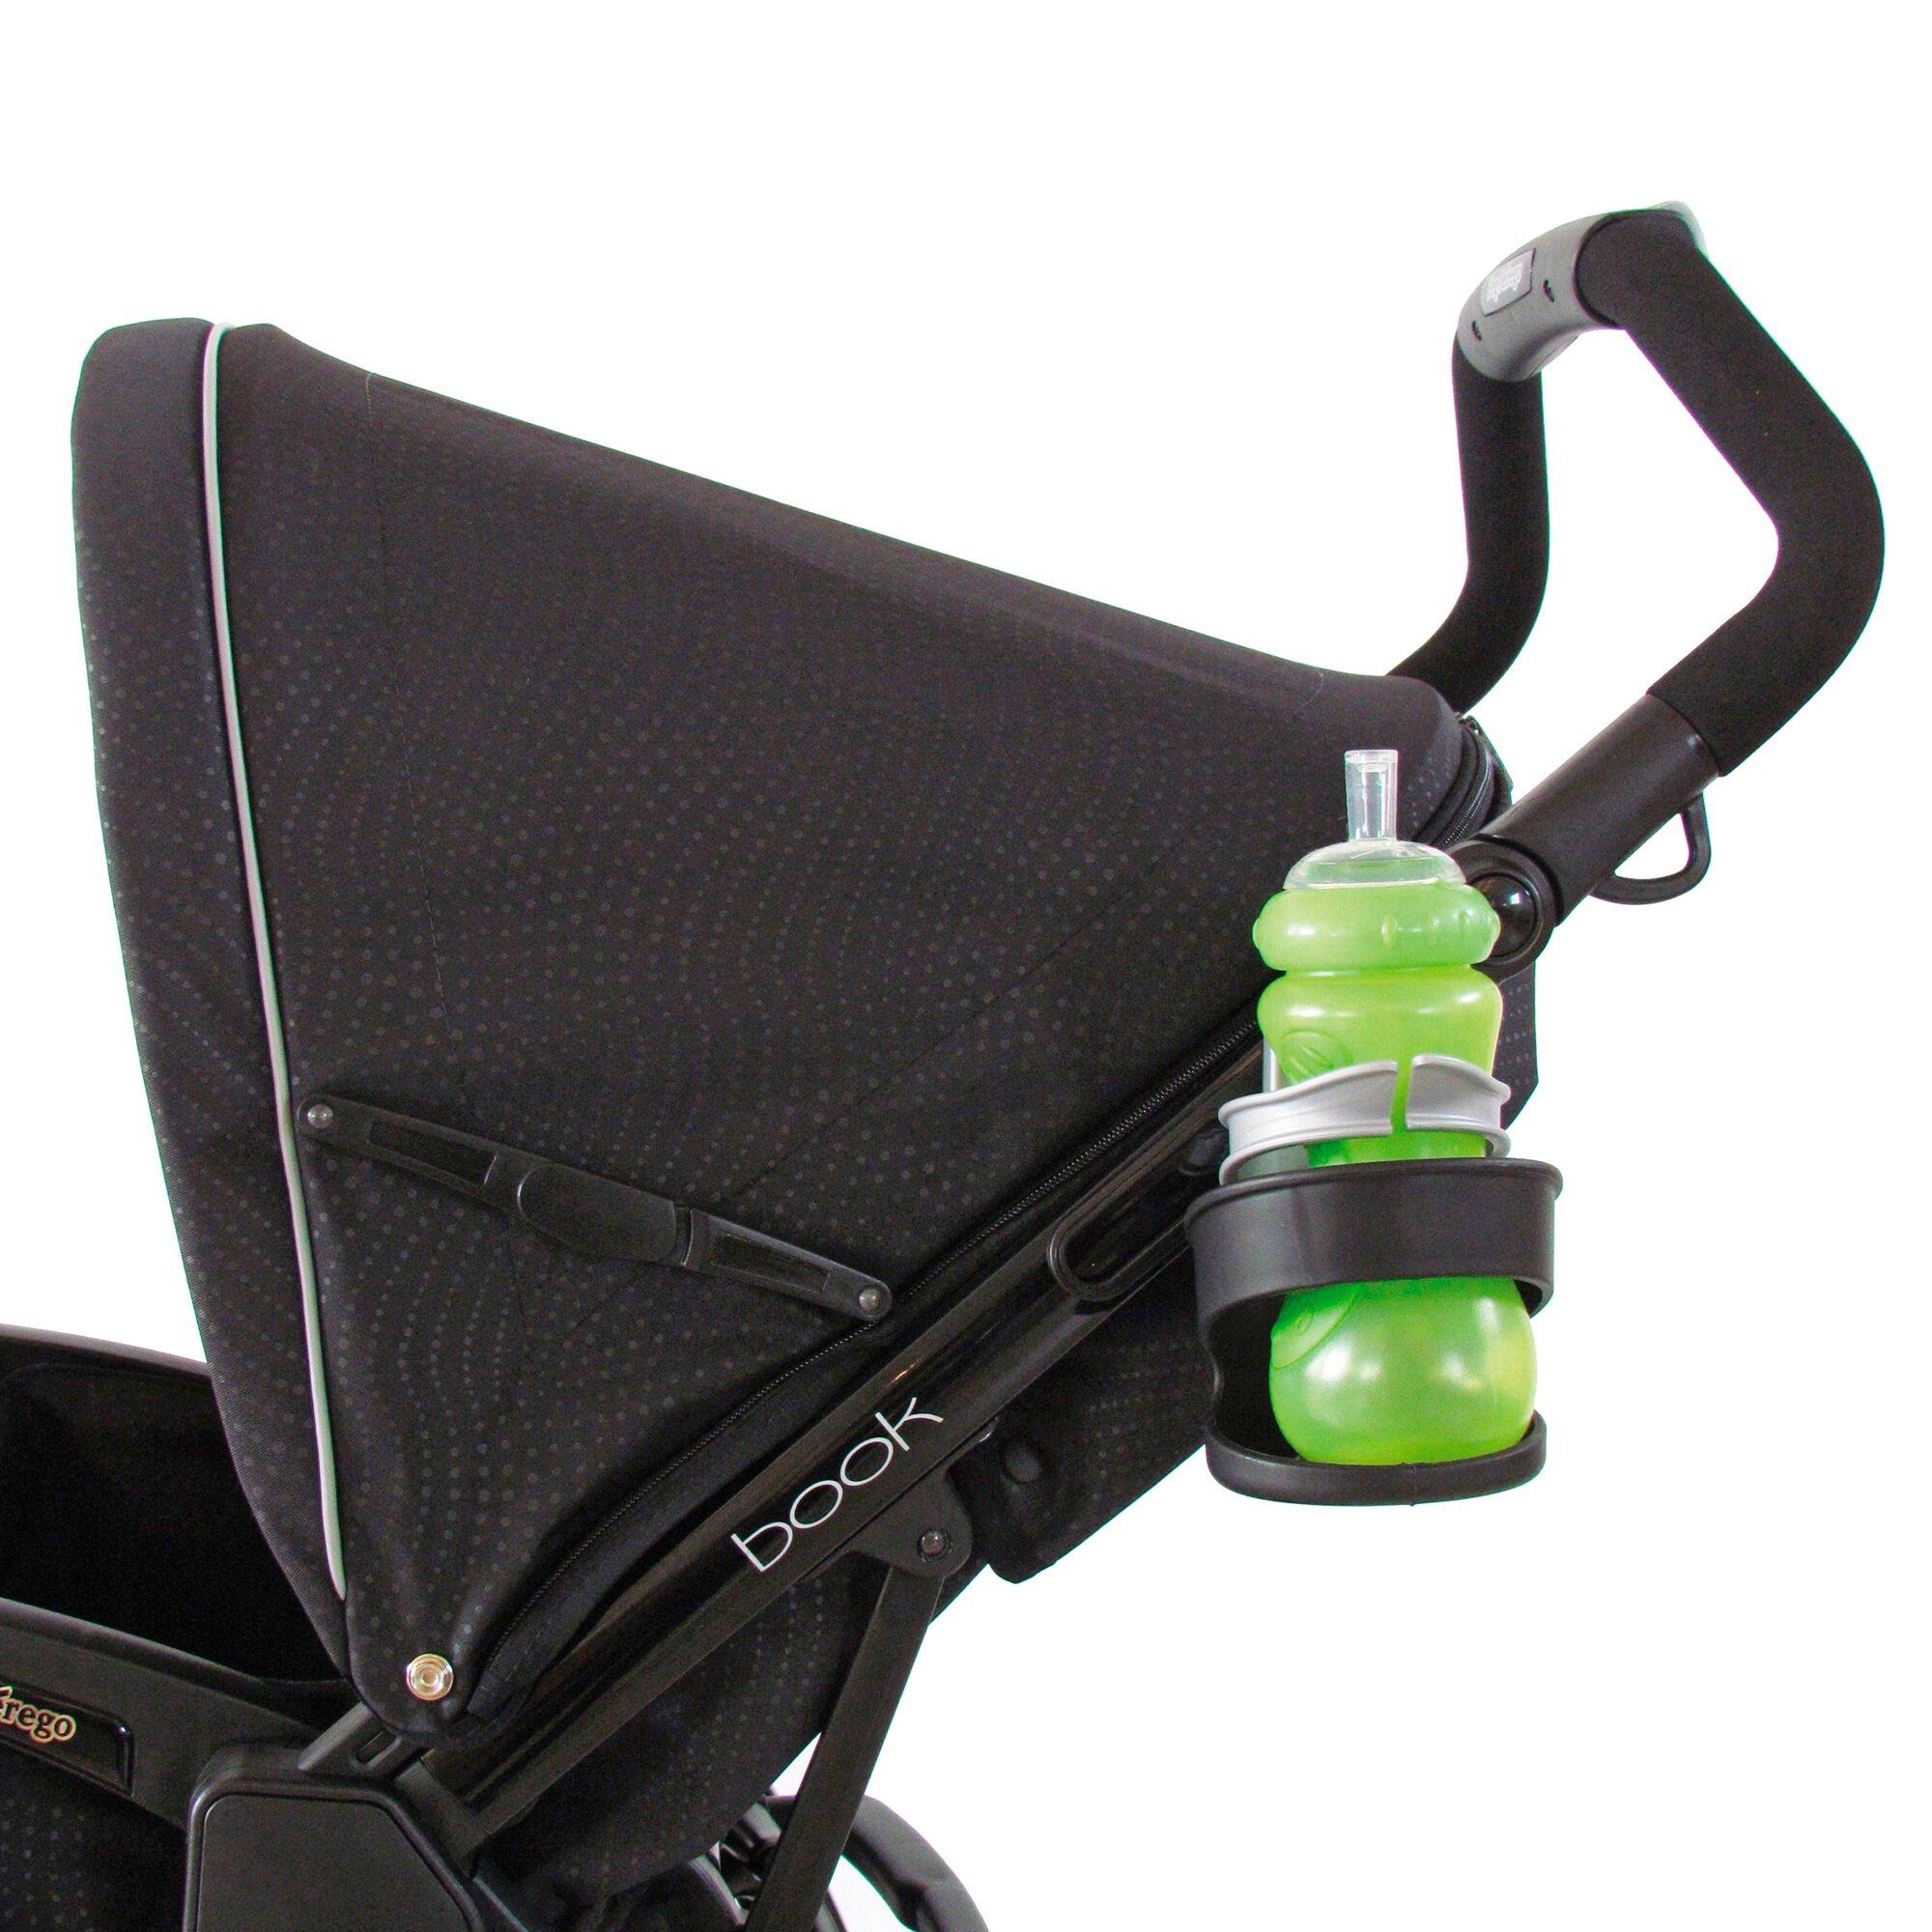 Peg-Pérego Flaschen, - Getränkehalter für Kinderwagen und Buggy schwarz